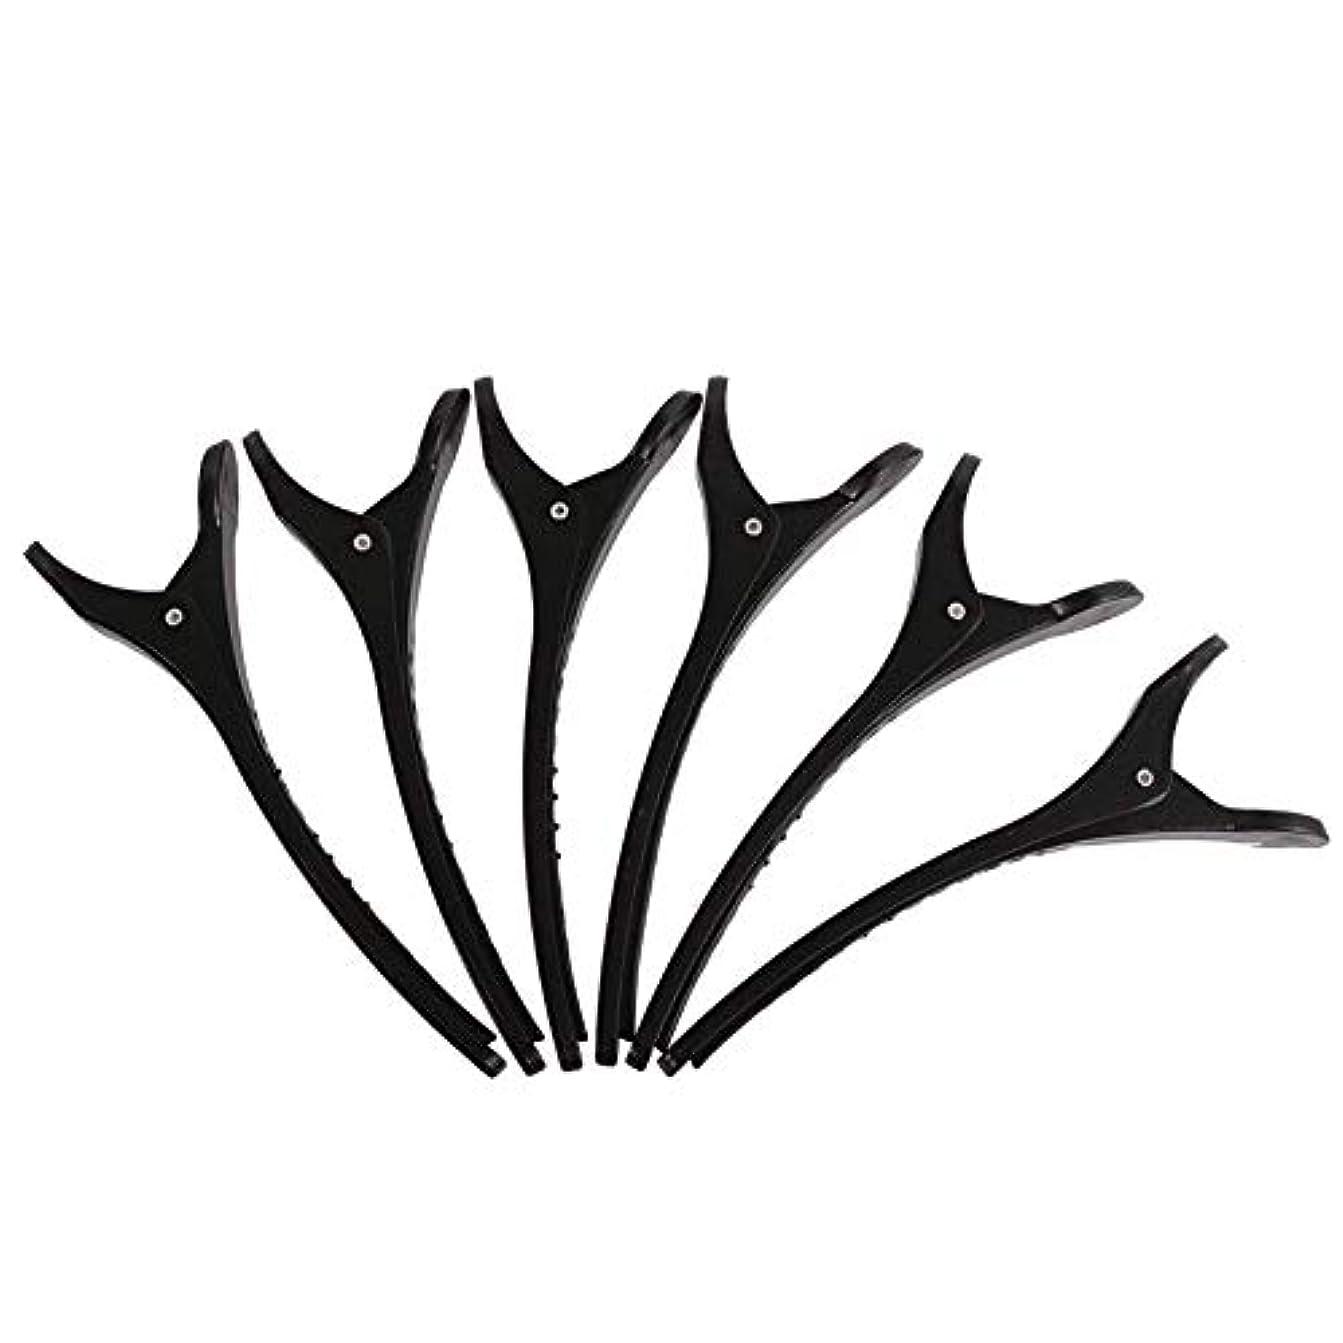 沼地伝染性成果専門のプラスチック製のヘアクリップ6本の歯アヒルの弓のヘアピン多機能プライヤーは、女性、子供や赤ちゃんDIYヘアアクセサリーフォークワニのためにスリップ